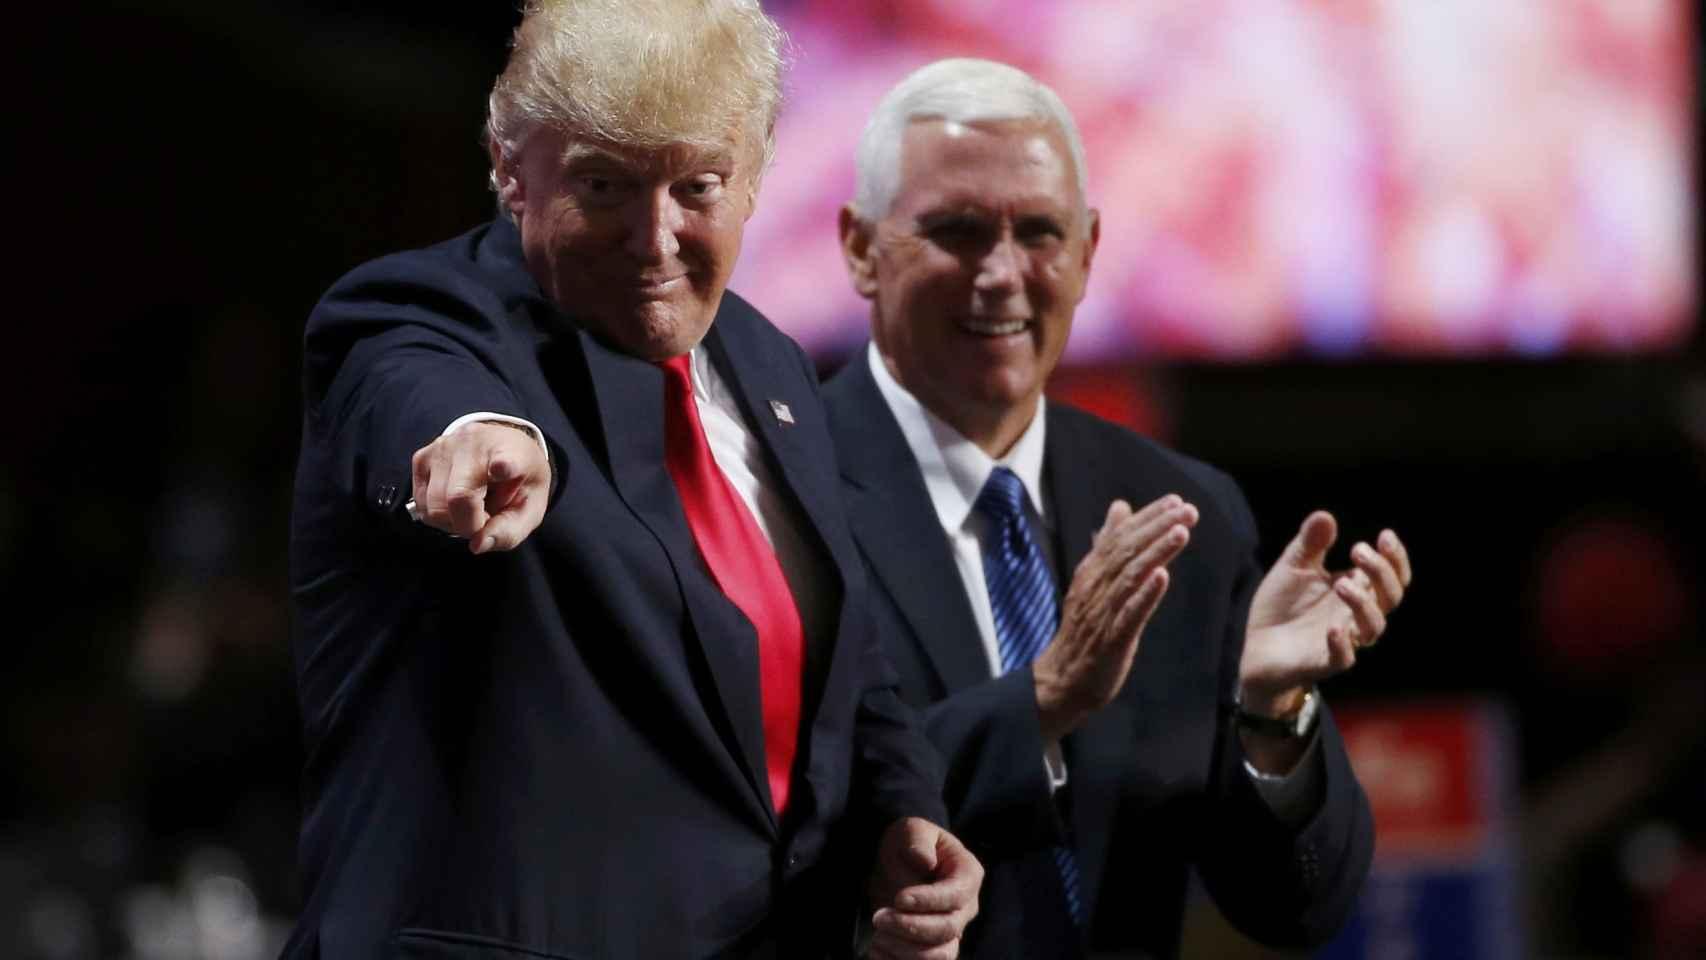 Trump junto al candidato a vicepresidente Mike Pence.